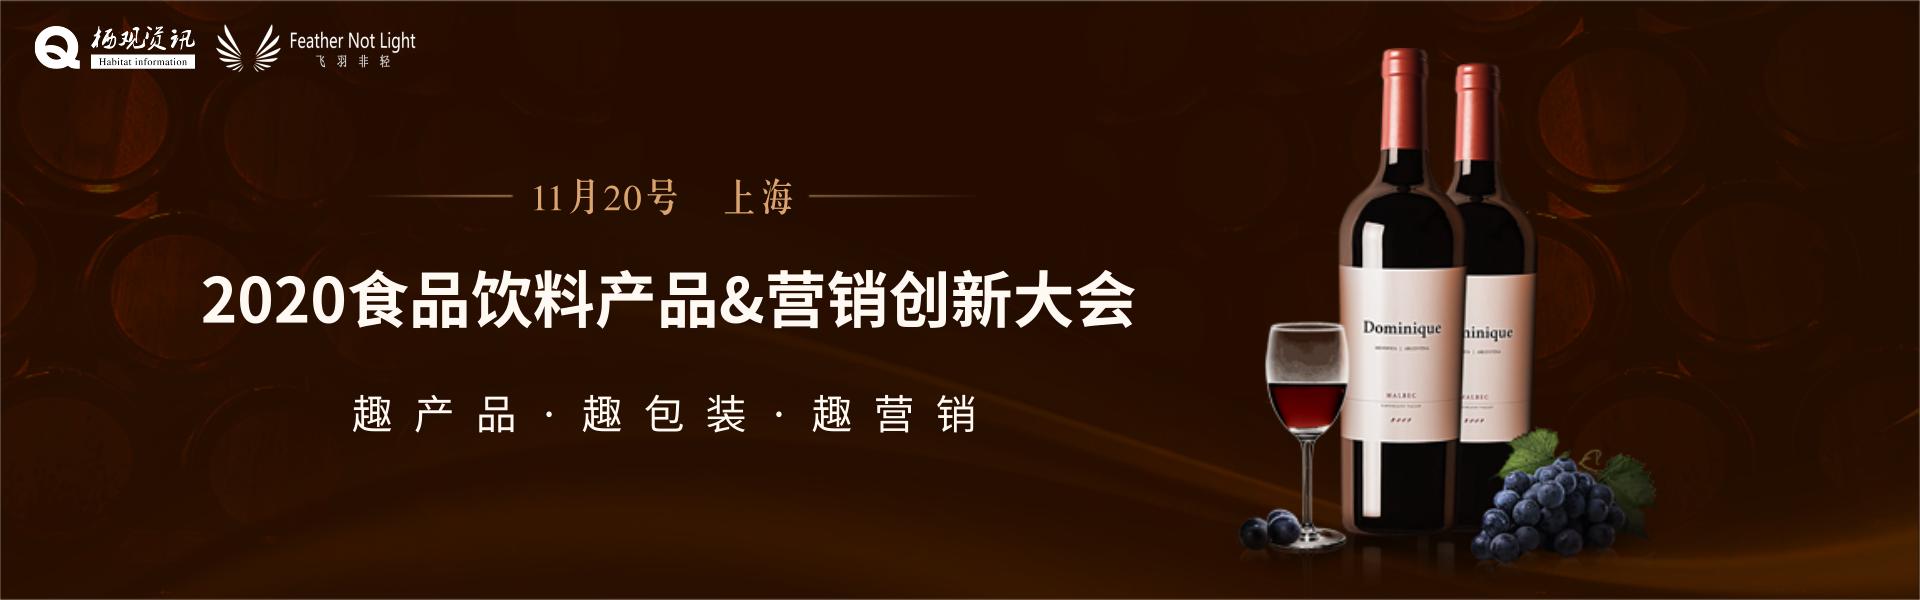 2020食品饮料产品&营销创新大会暨金革奖